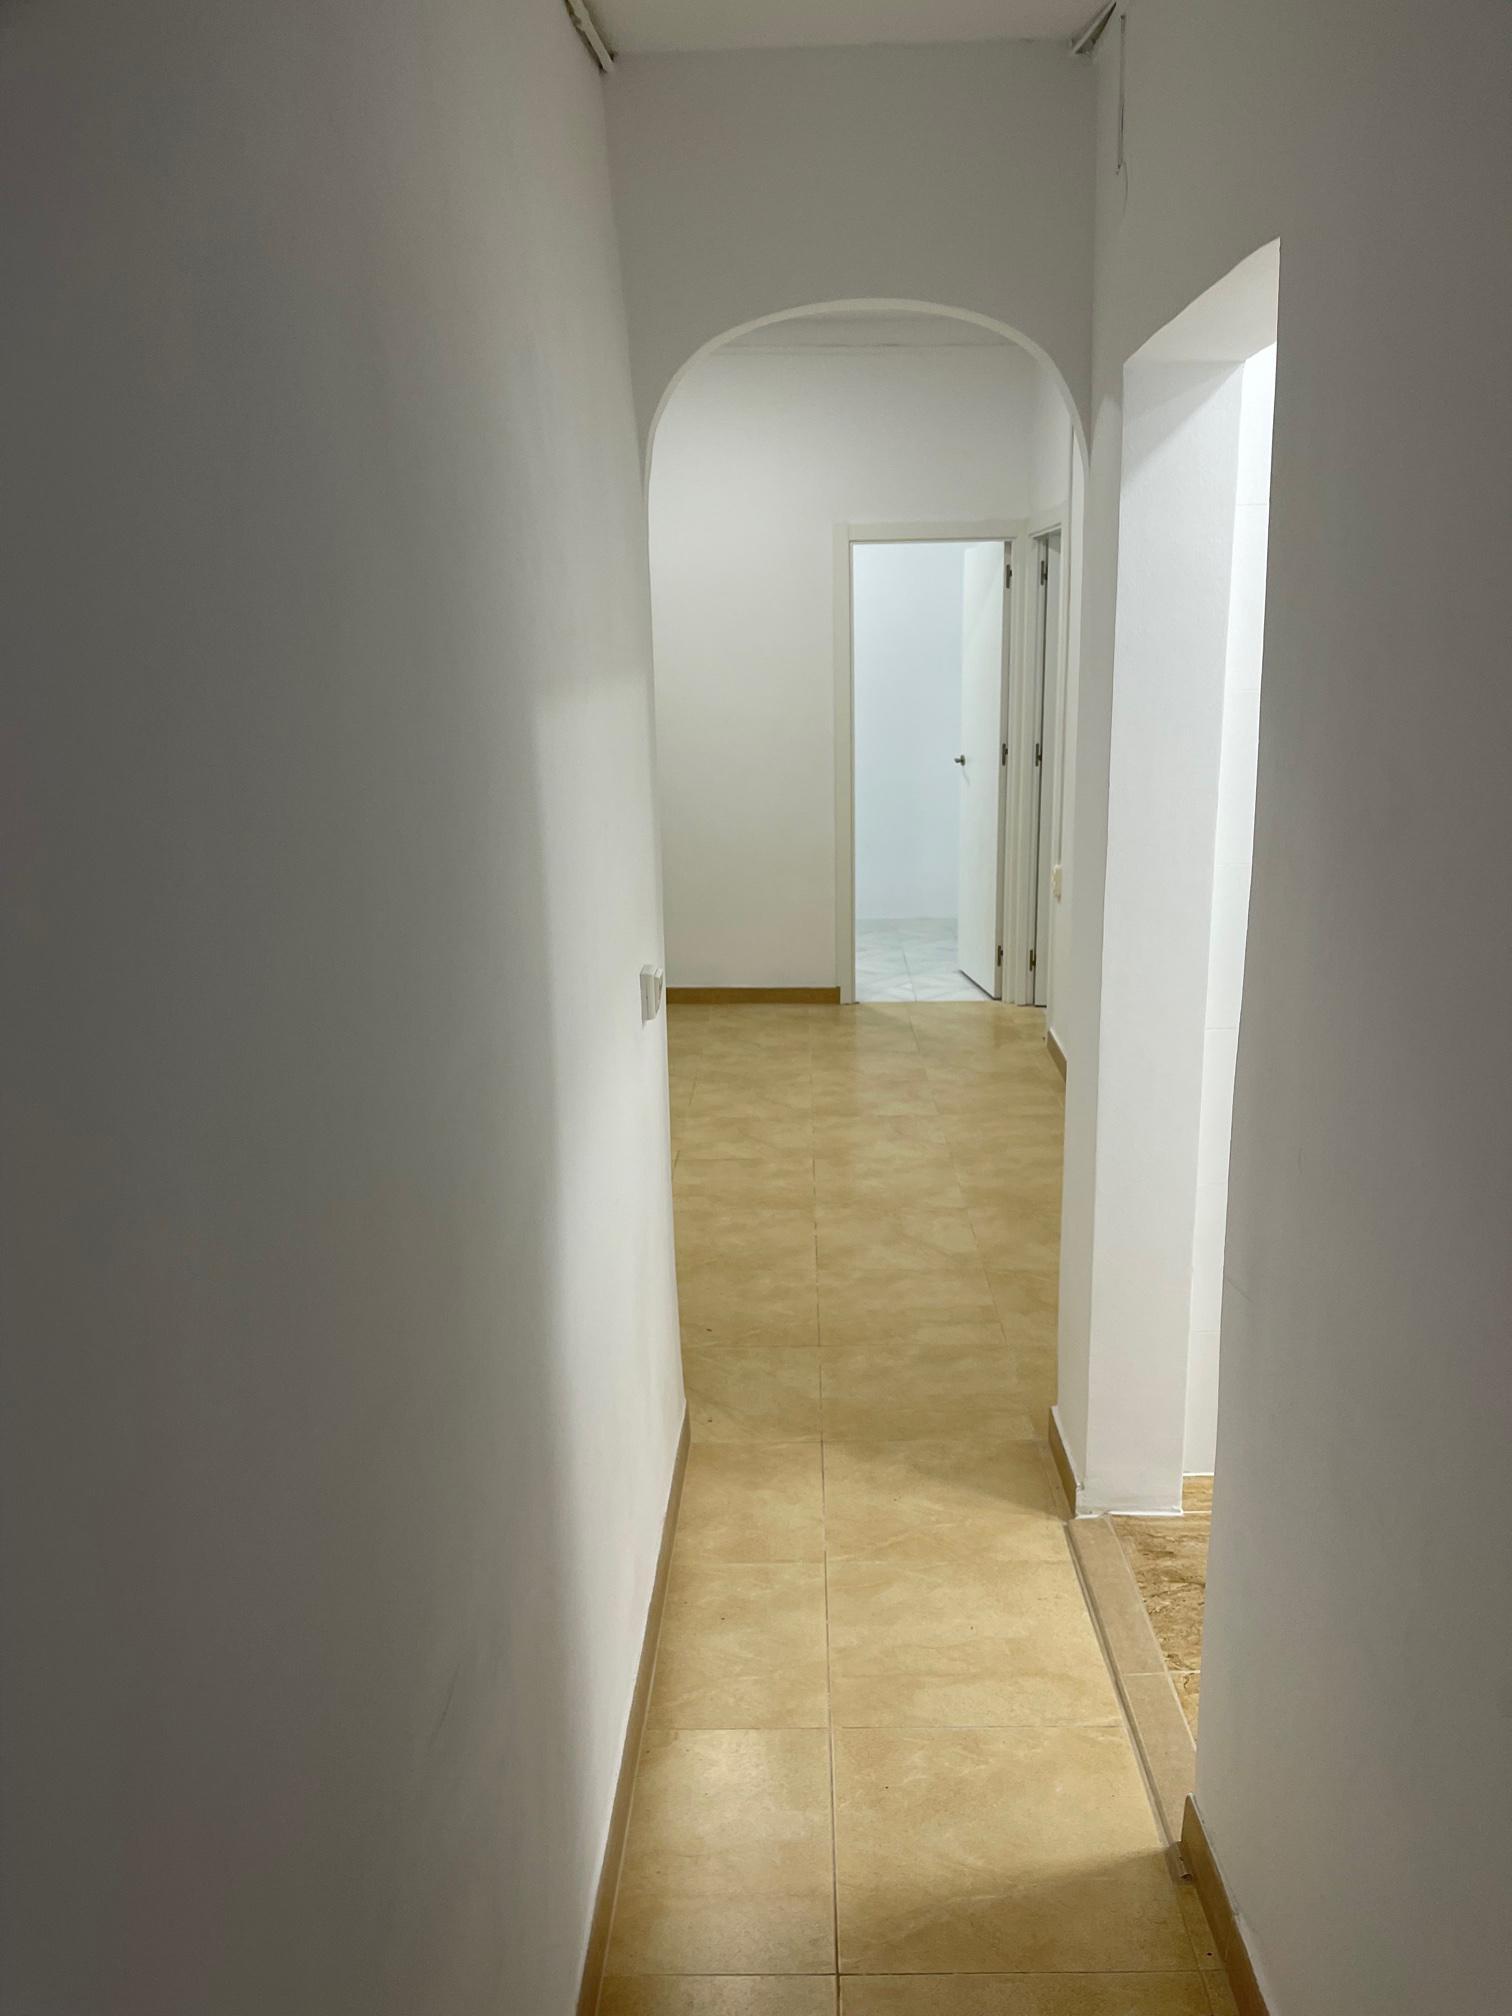 Imagen 3 Piso en venta en Hospitalet De Llobregat L´ / Junto. av miraflores pb reformada.